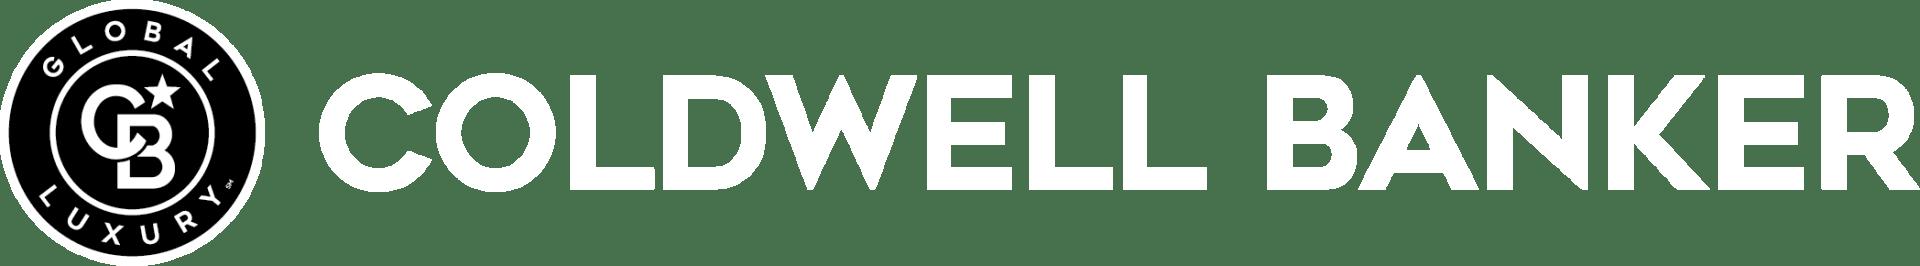 JADE MILLS | COLDWELL BANKER RESIDENTIAL BROKERAGE